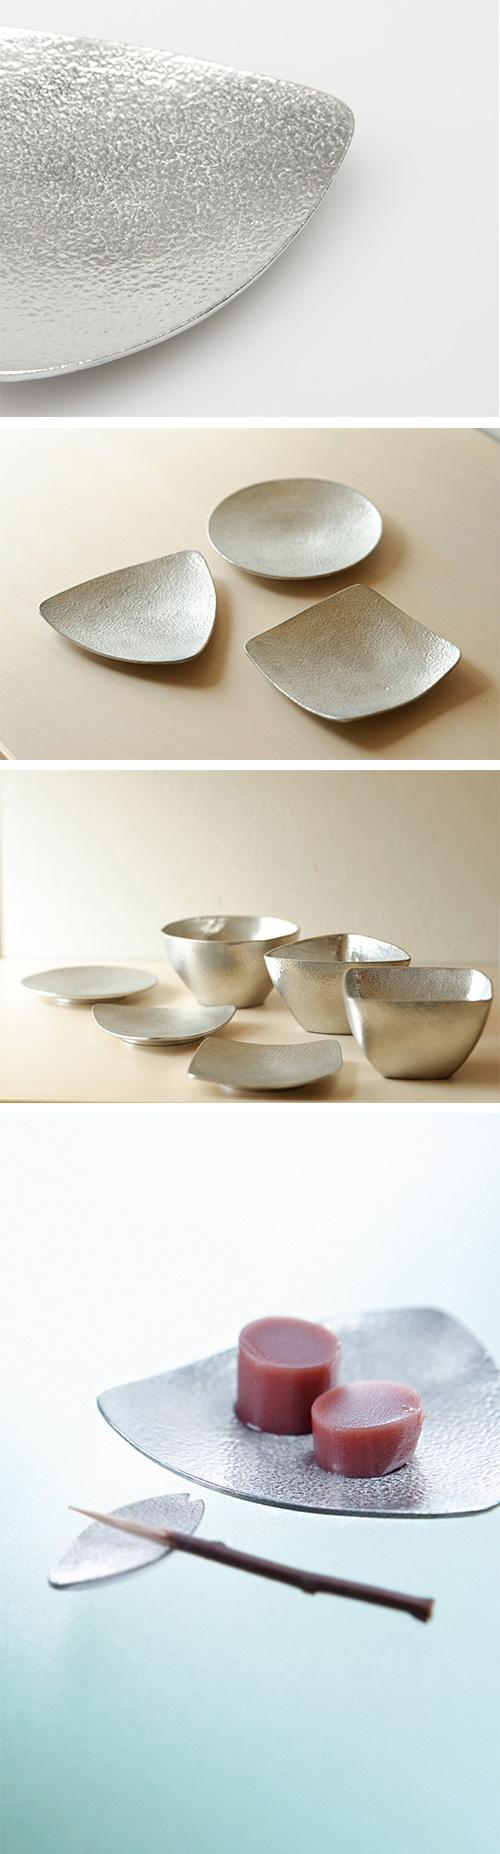 日本能作 純錫小盤 三角